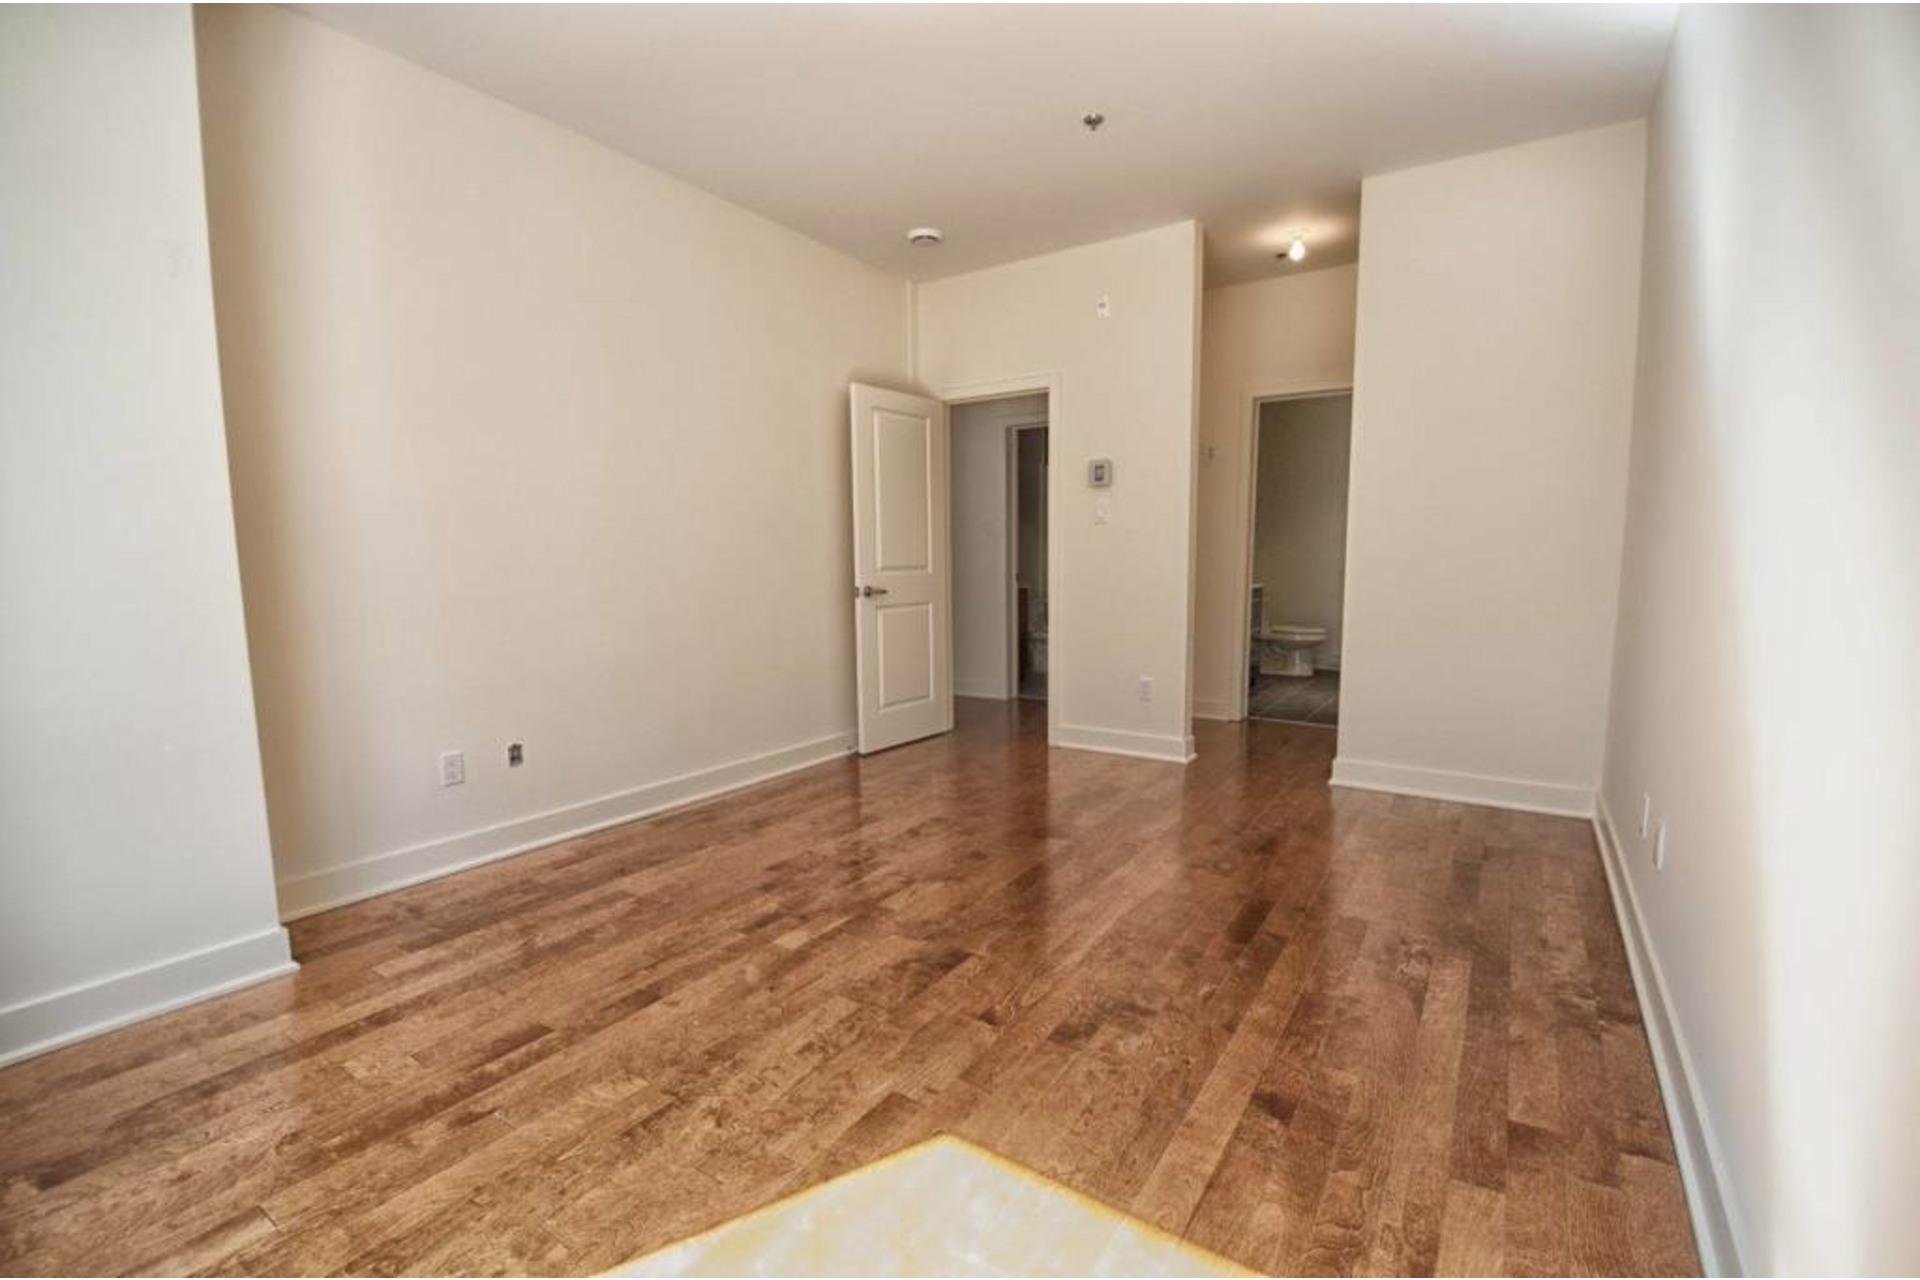 image 12 - Apartment For rent Rivière-des-Prairies/Pointe-aux-Trembles Montréal  - 6 rooms